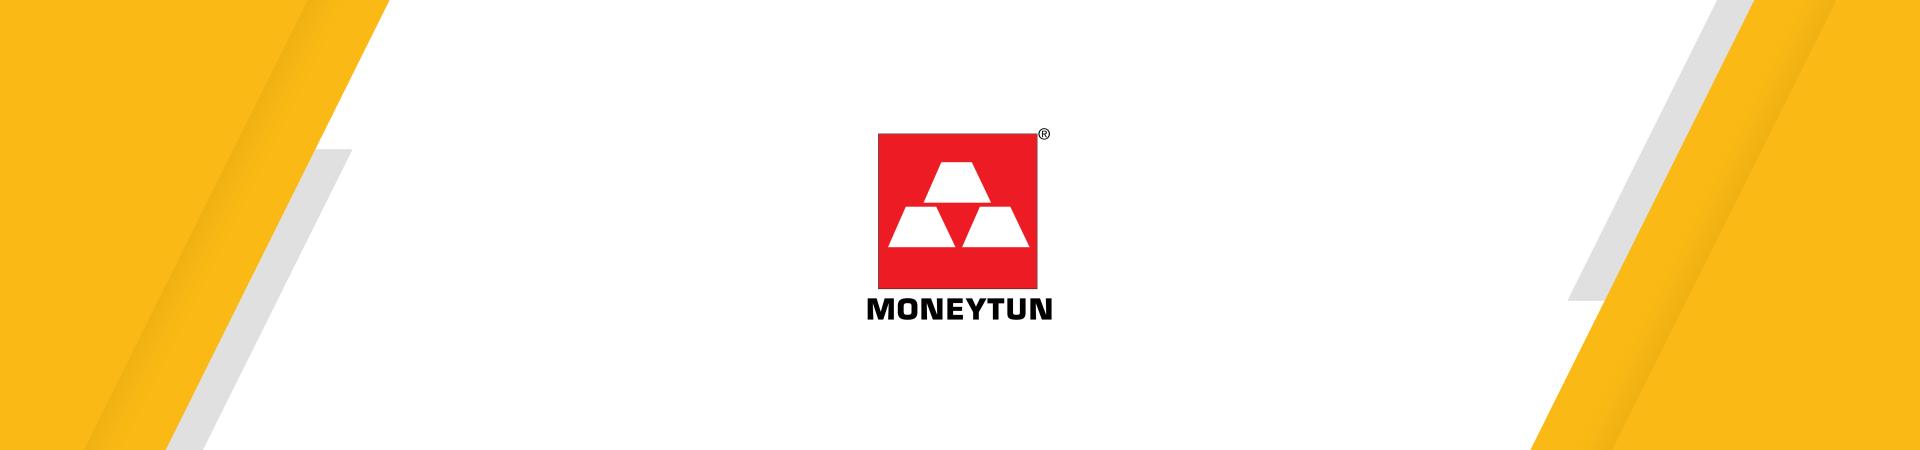 Moneytun